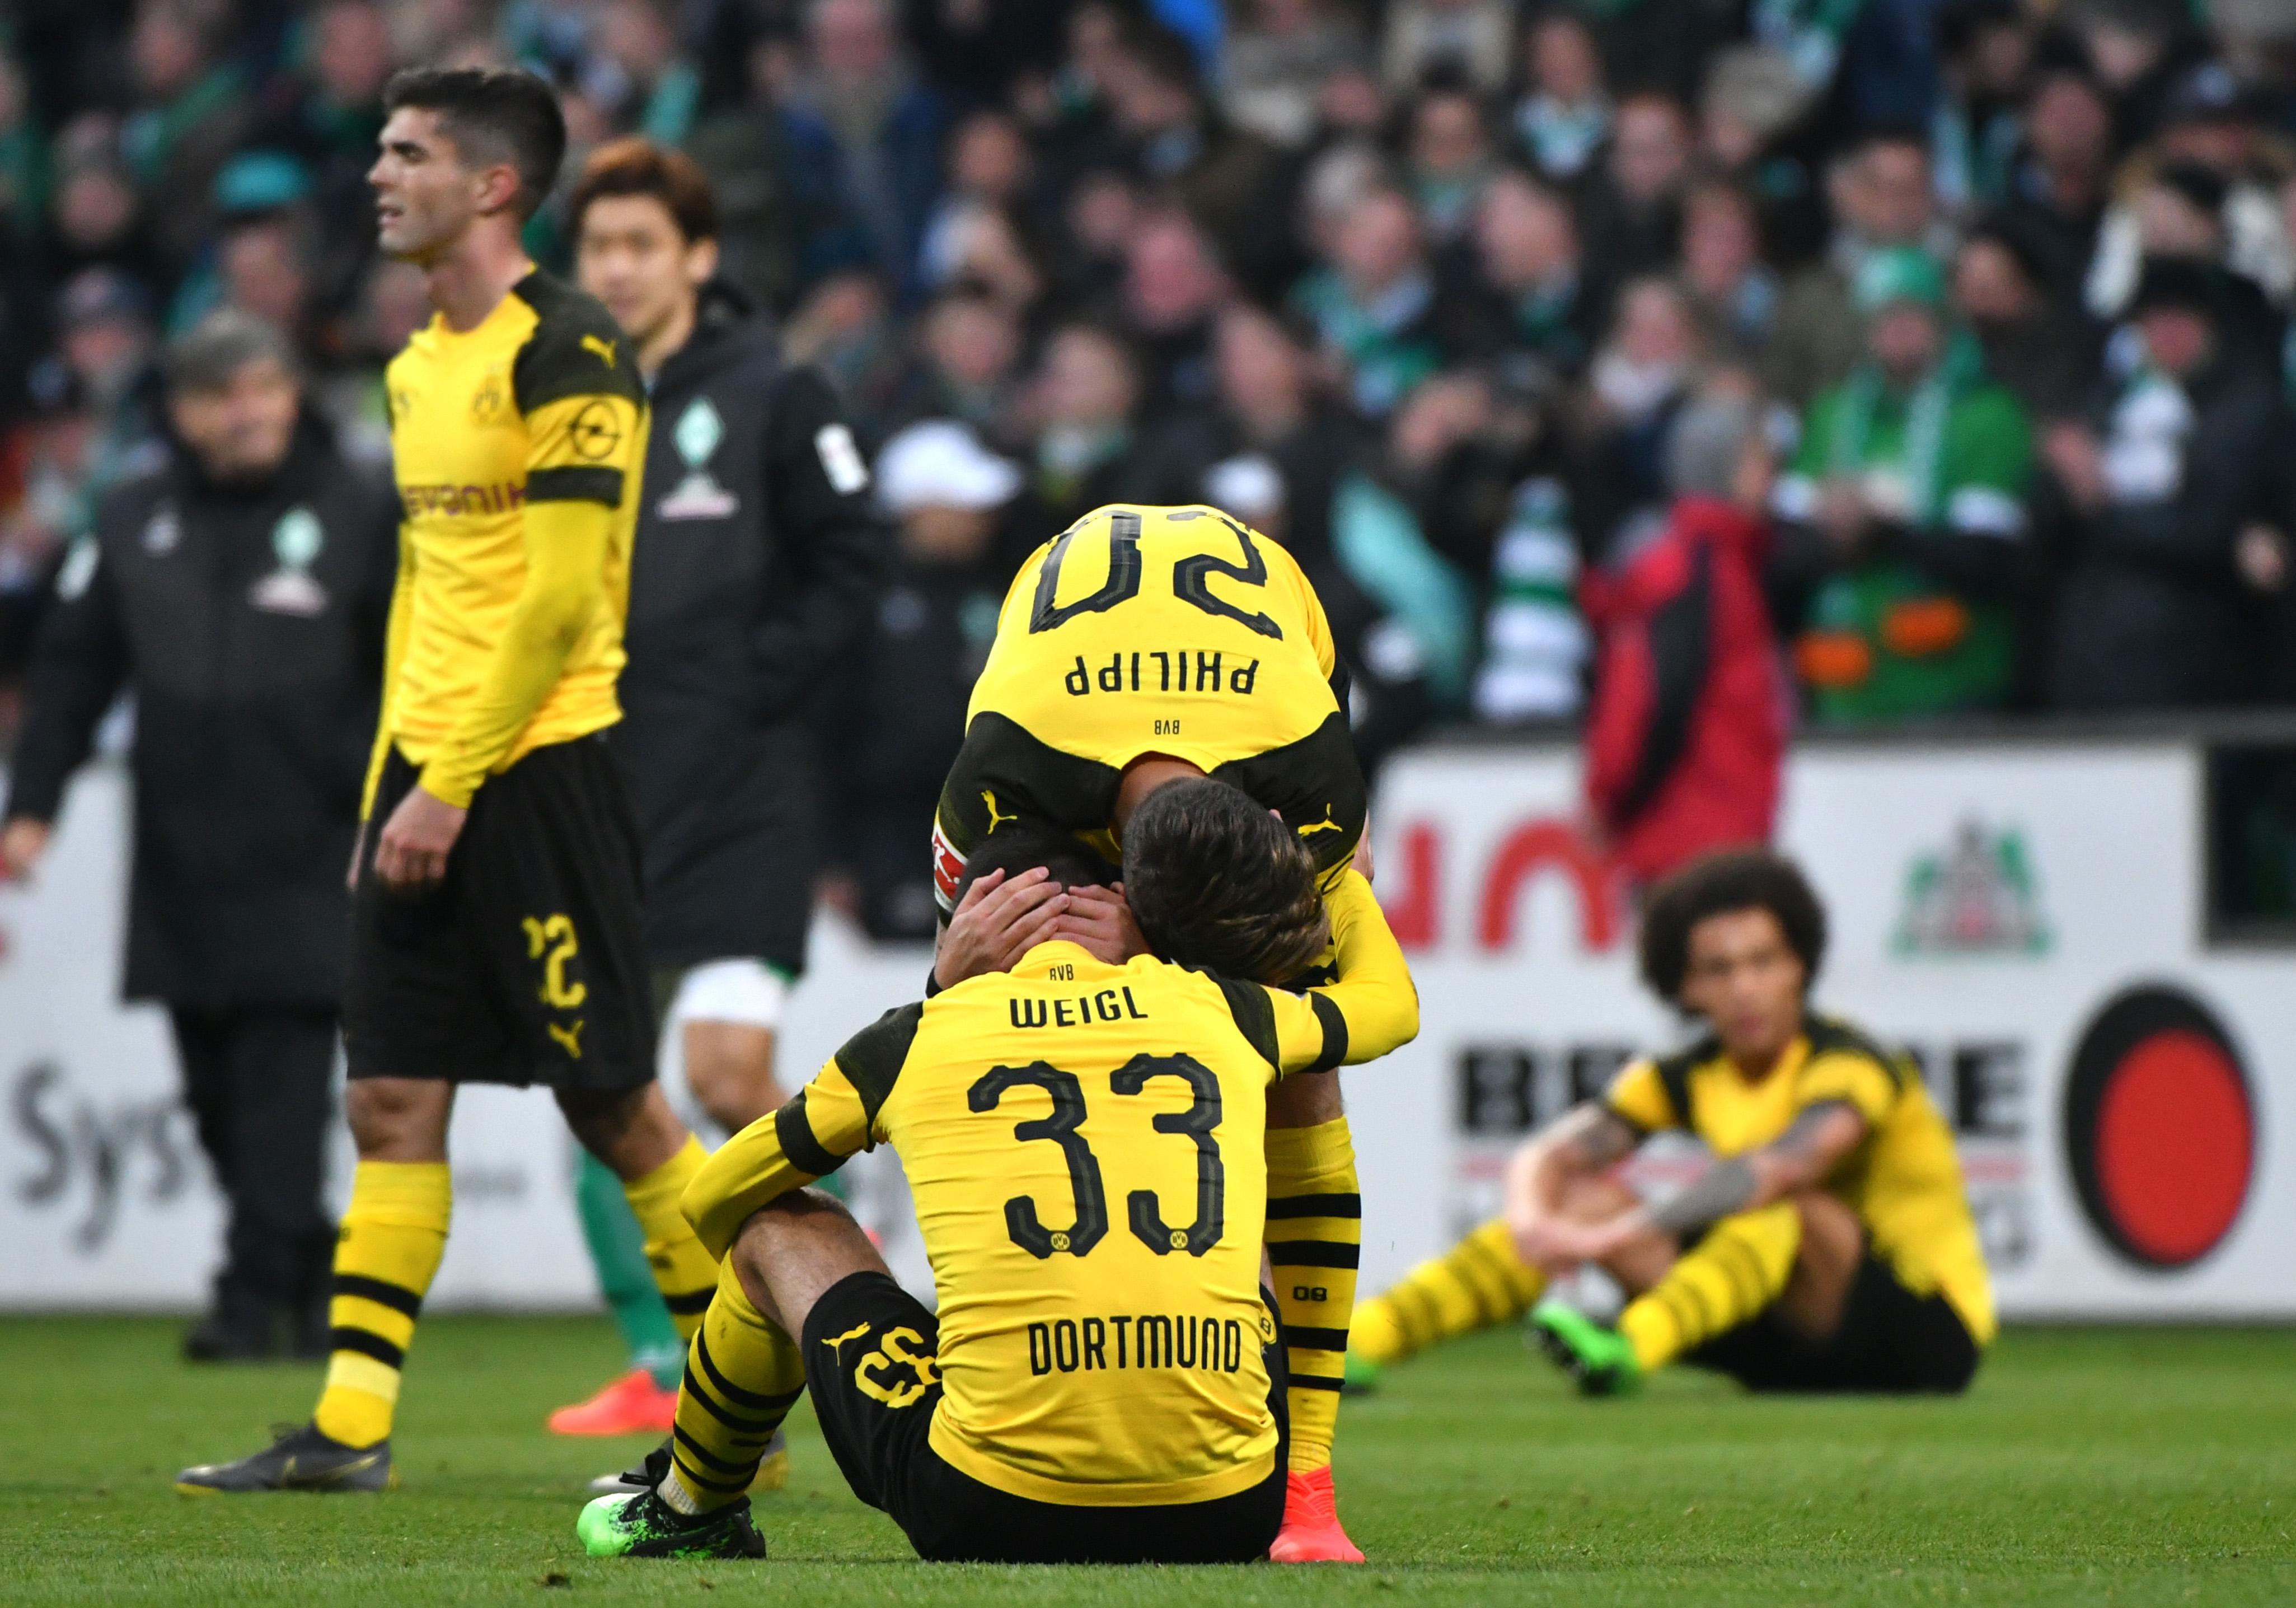 El Borussia Dortmund le ha dicho adiós al sueño del título de la Bundesliga. (Foto Prensa Libre: AFP)